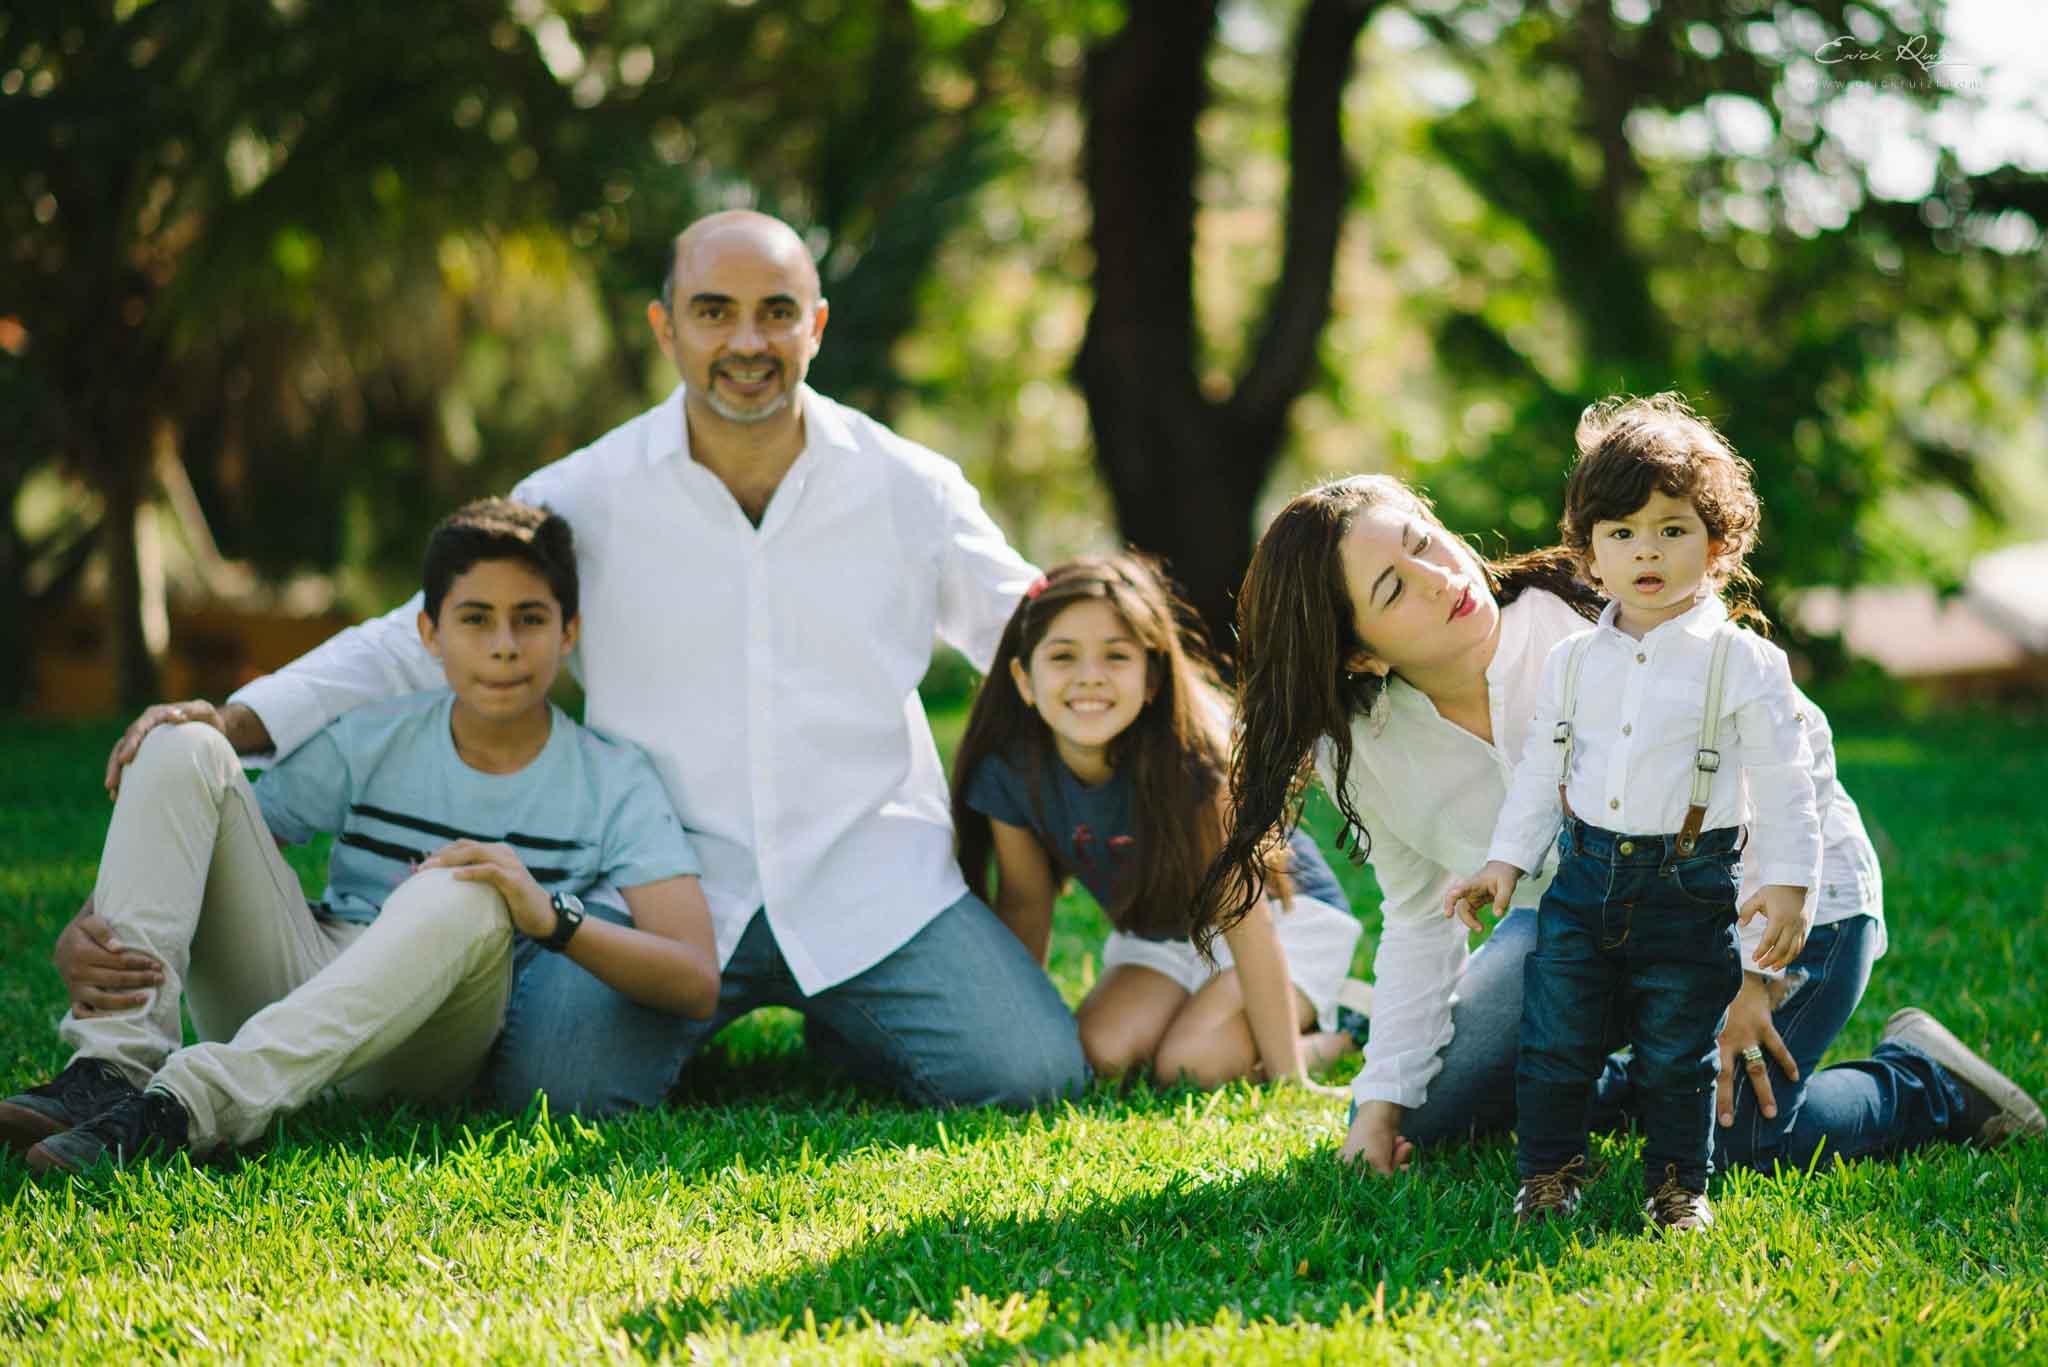 sesion de fotos familia tavara, sesion de fotos familiar, sesion de fotos infantil, fotos de familias en piura, zoomx studio, erick ruiz